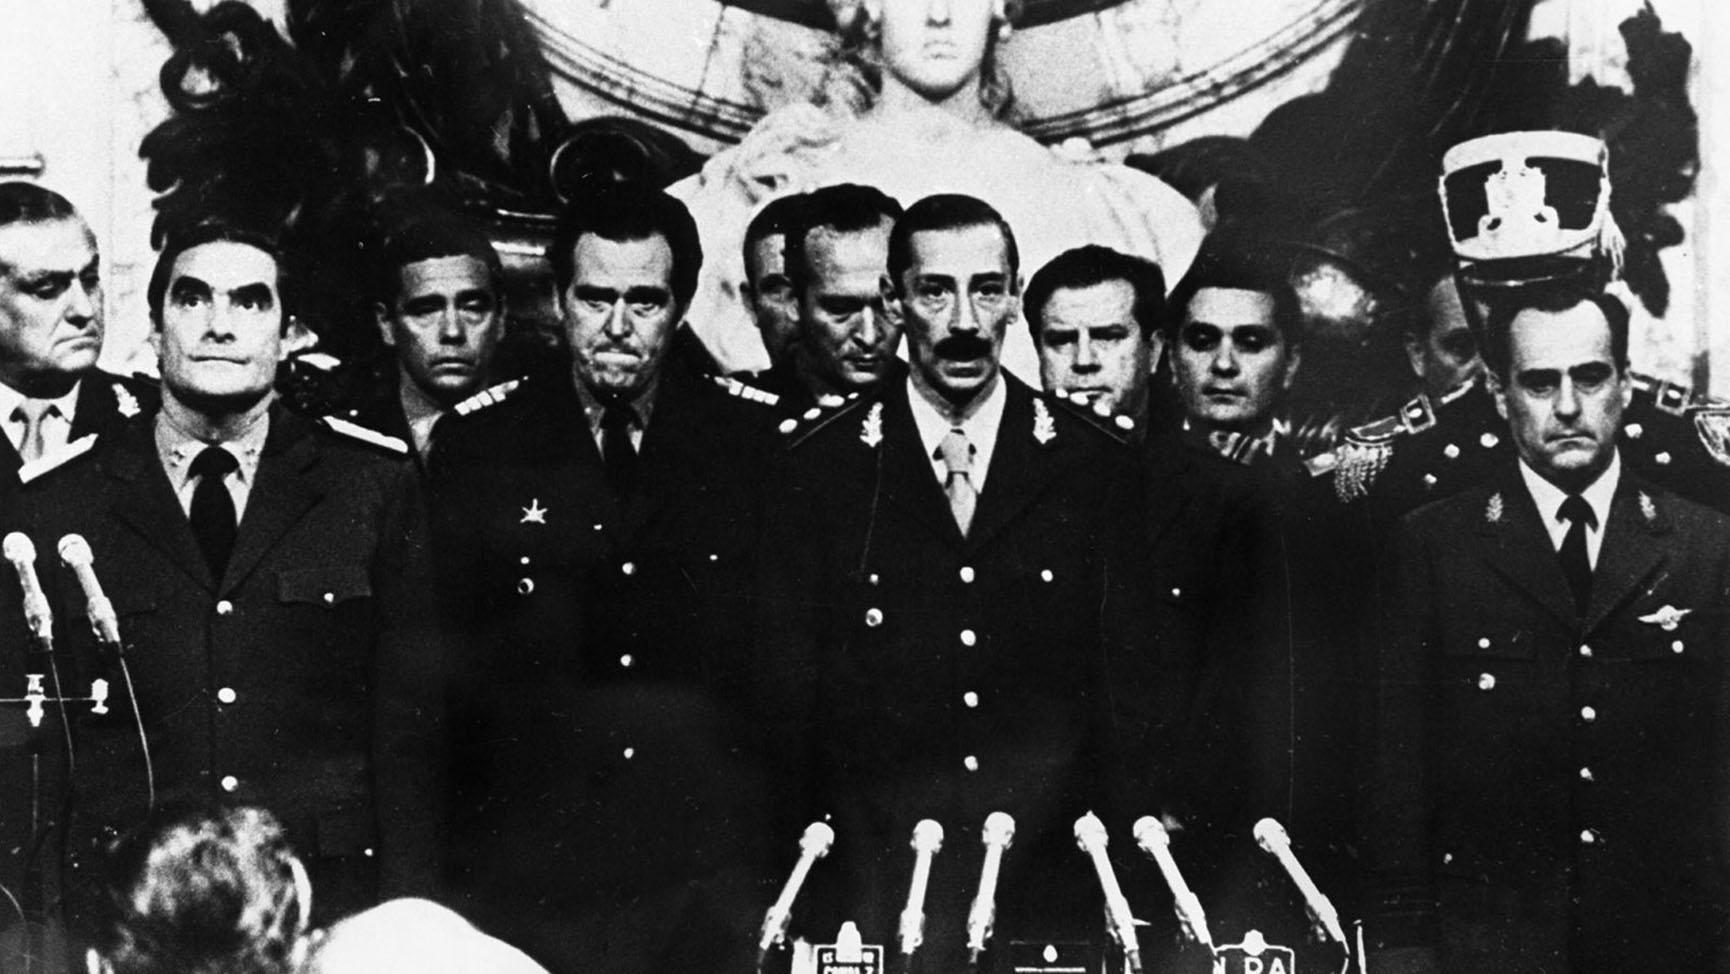 1982年马岛战争阿根挺虽然建立联合参谋部,但没有统一指挥权导致战败。图为阿根廷军政府领袖。(EPA)